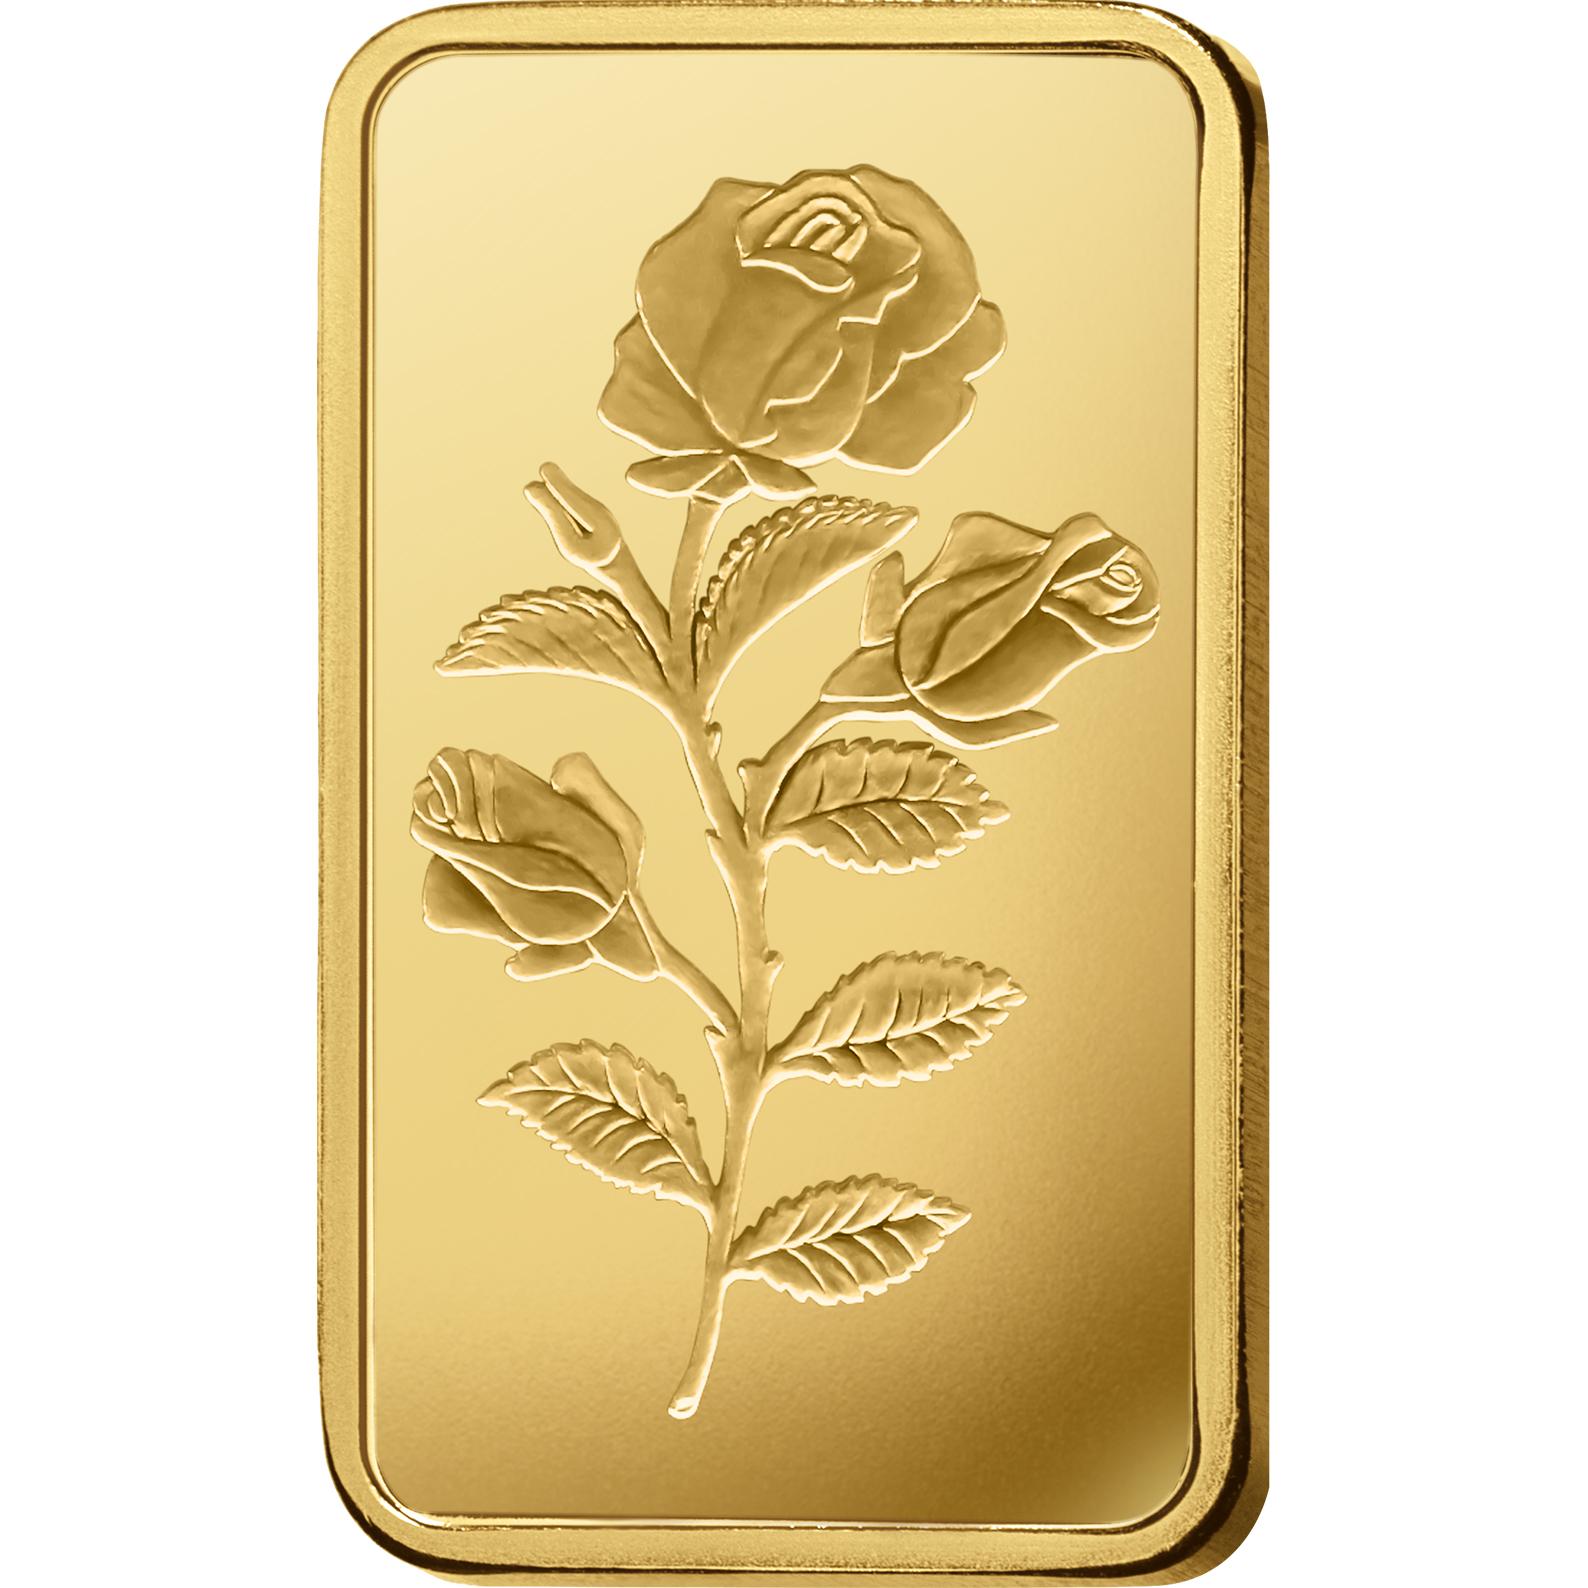 2,5 Gramm Goldbarren - PAMP Suisse Rosa